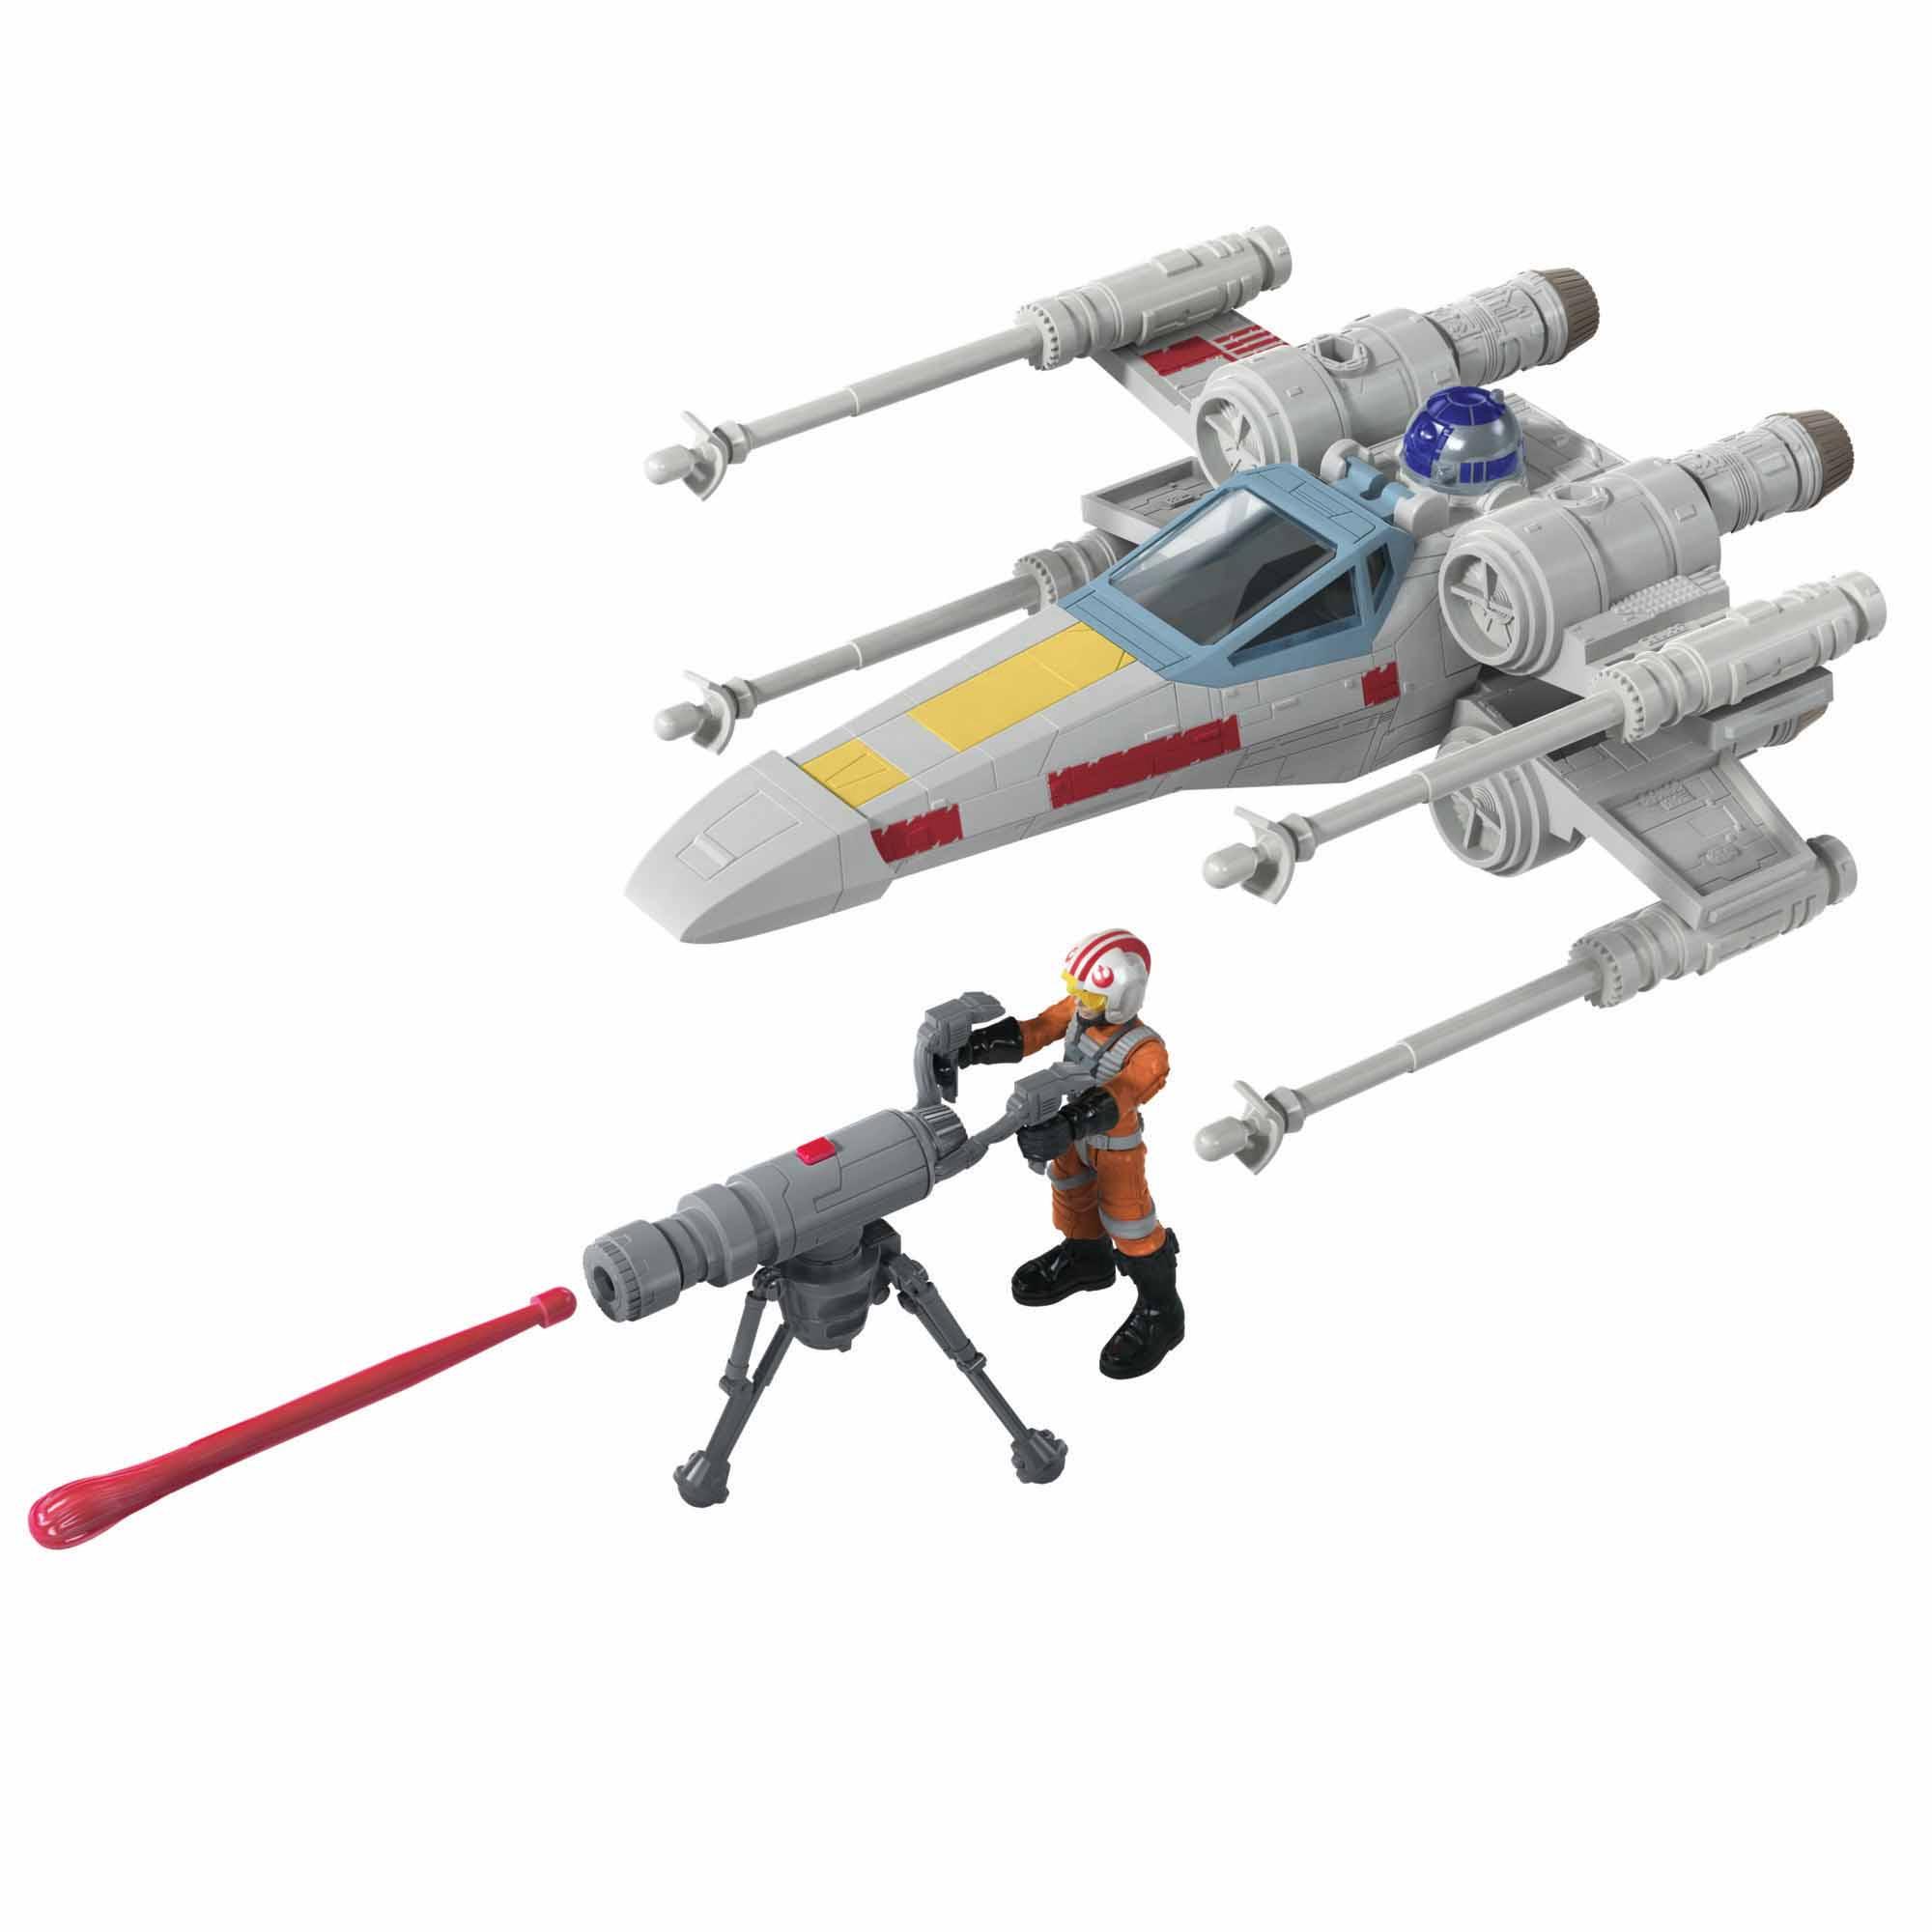 Caza estelar X-wing de Luke Skywalker de Star Wars Mission Fleet Stellar Class